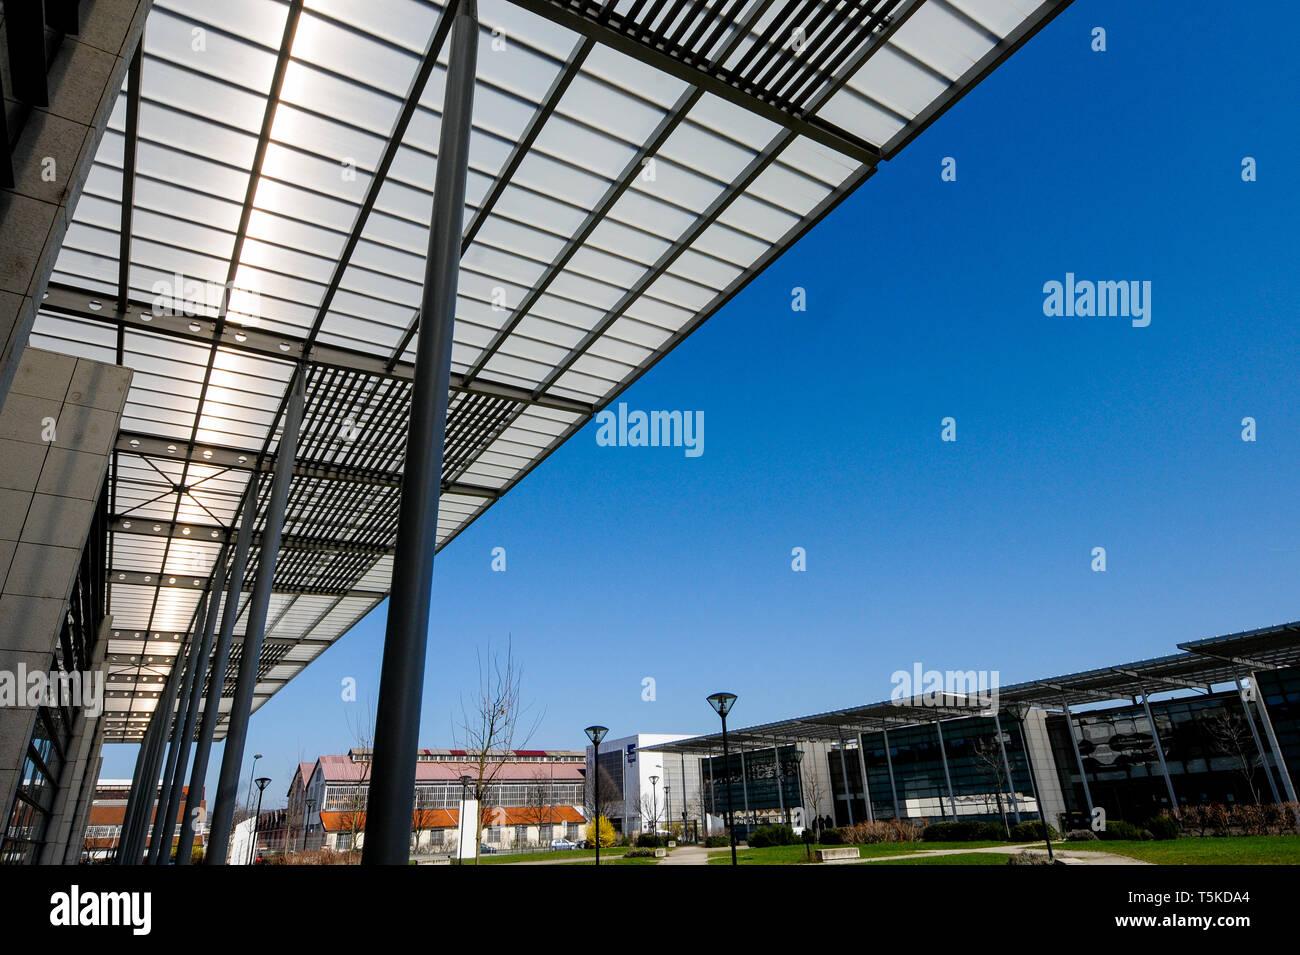 Jean Monnet University, Saint-Etienne, Loire, AURA Region, France - Stock Image